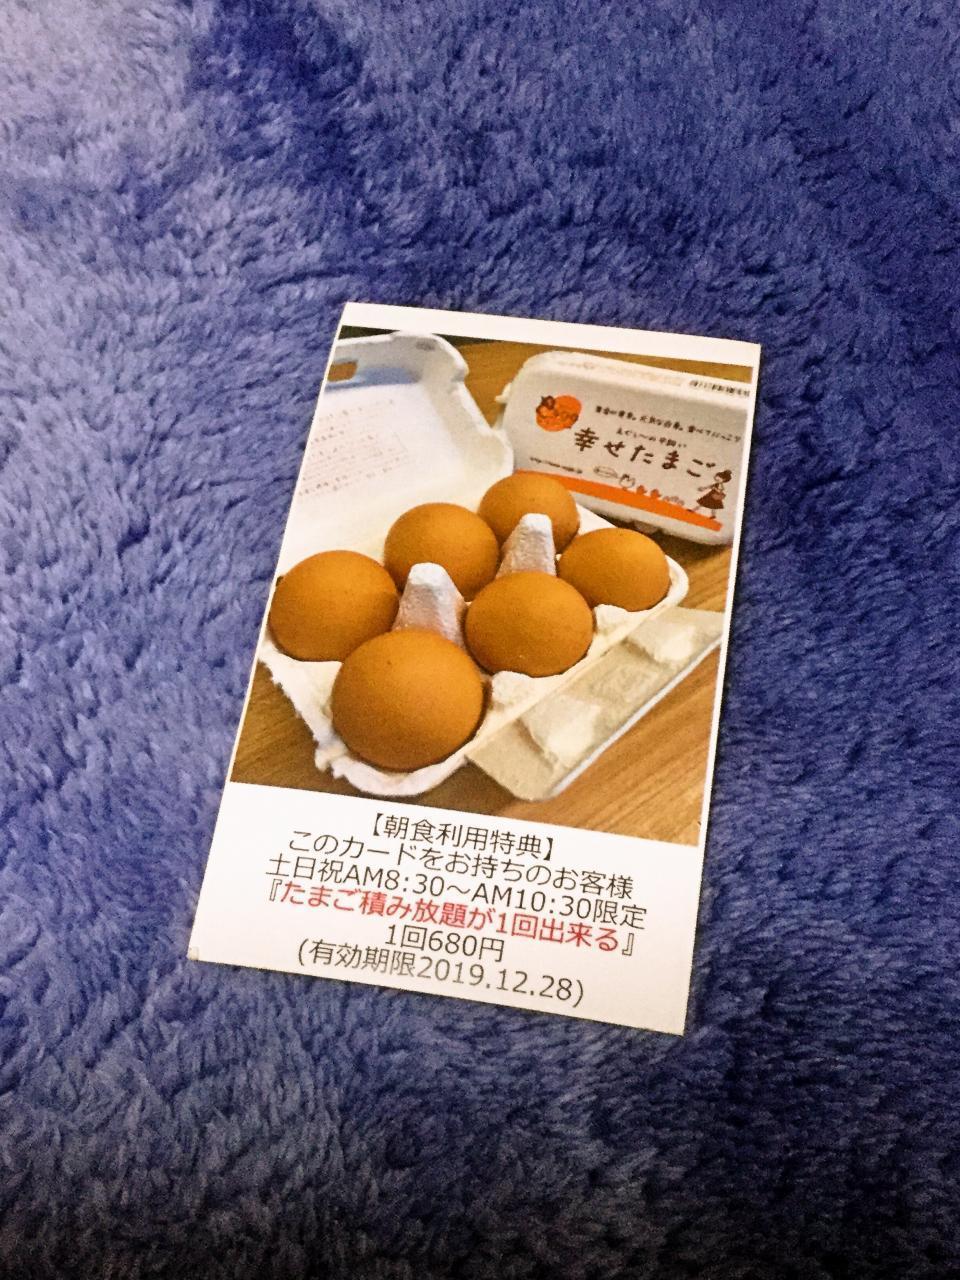 えぐぅ~カフェ 小平本店(卵つみほうだい)